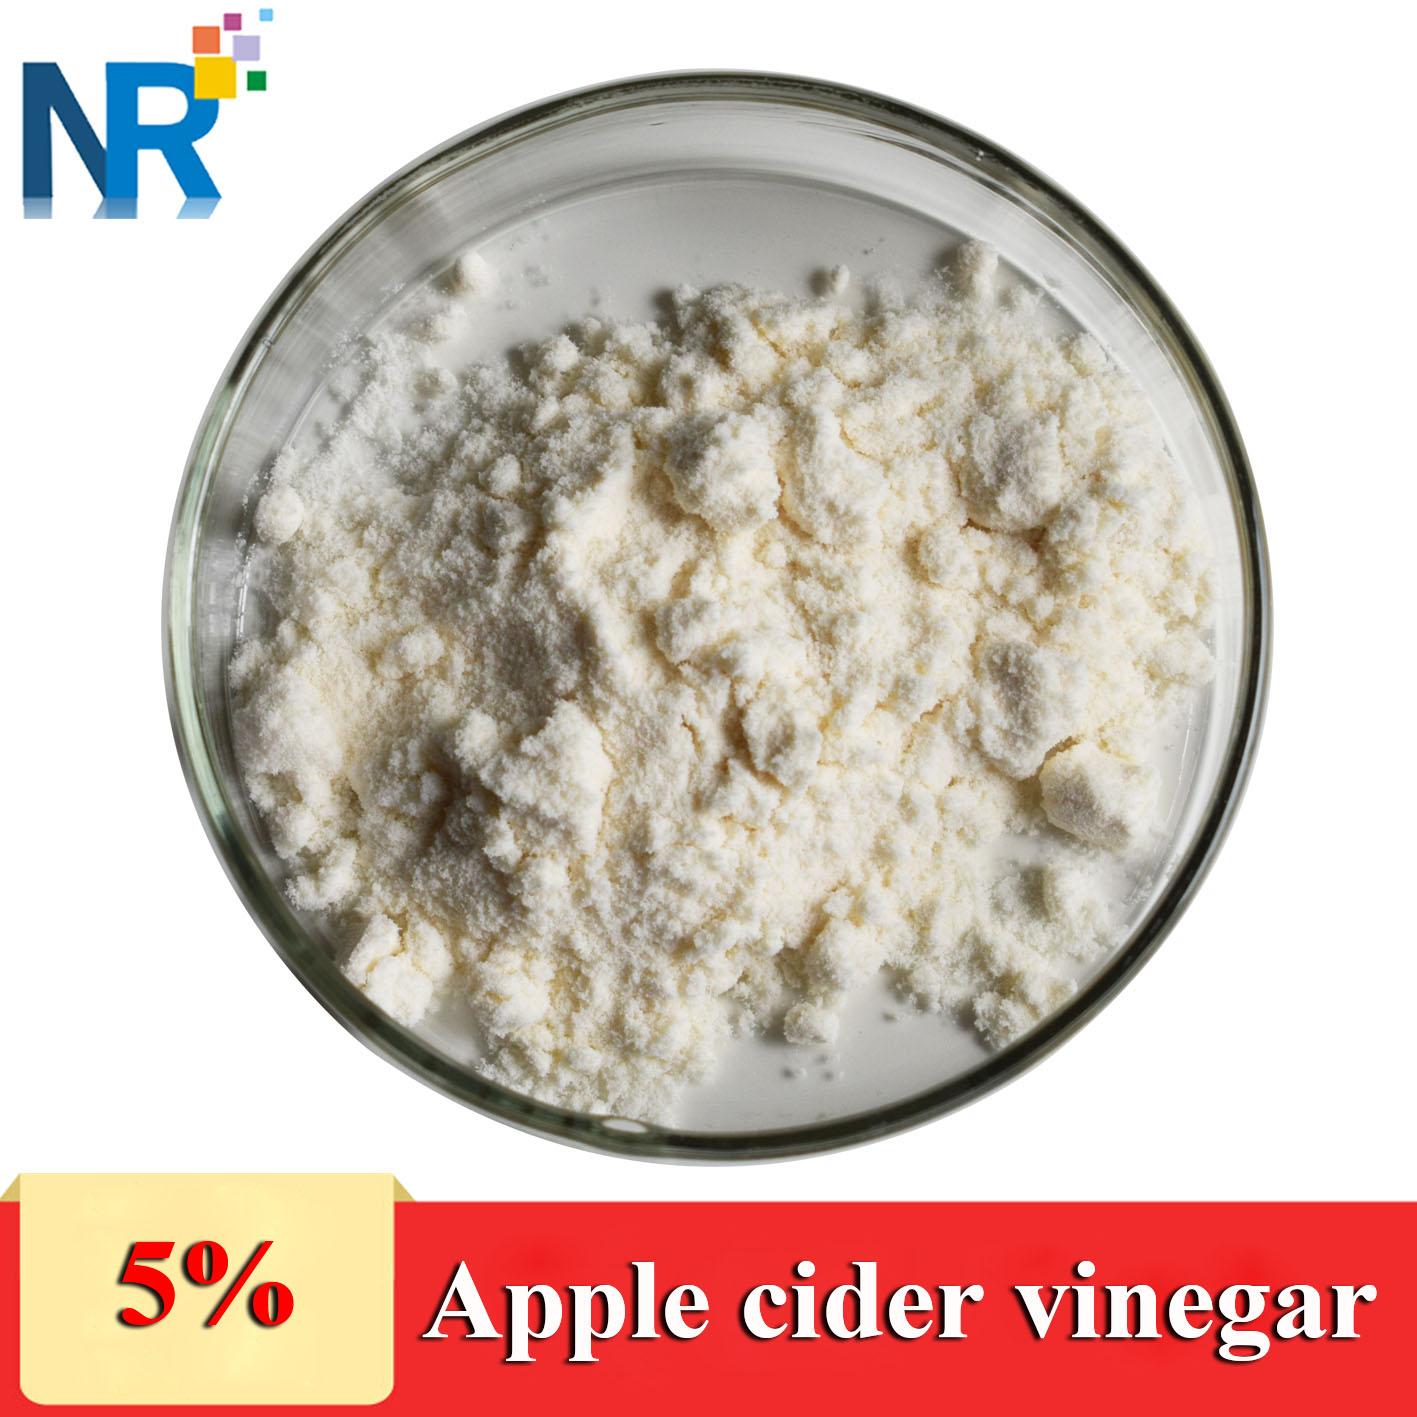 Factory supply bulk 5% apple cider vinegar